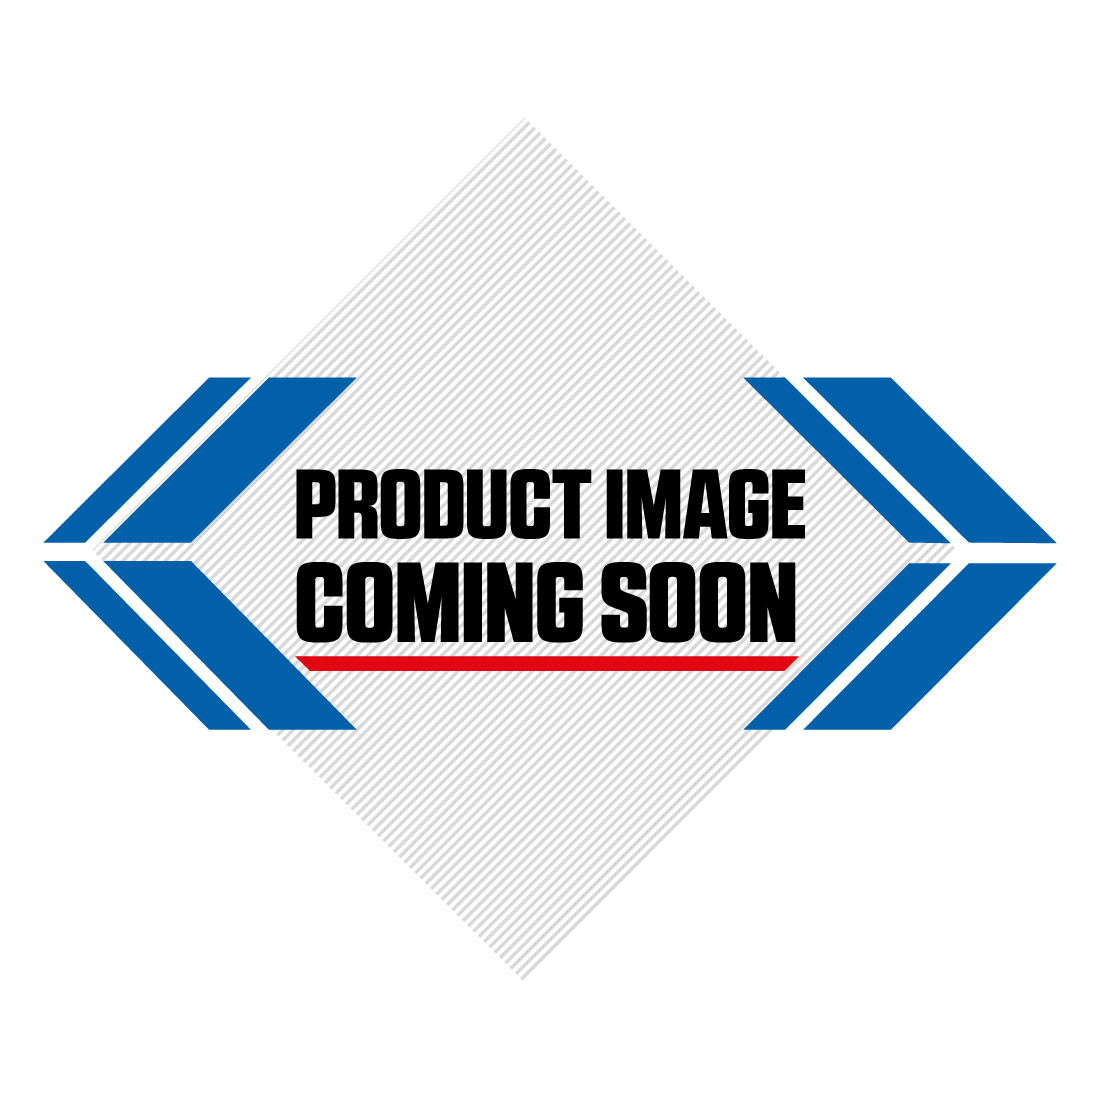 Kawasaki Plastic Kit KX 85 (01-09) (11-12) Black Image-3>